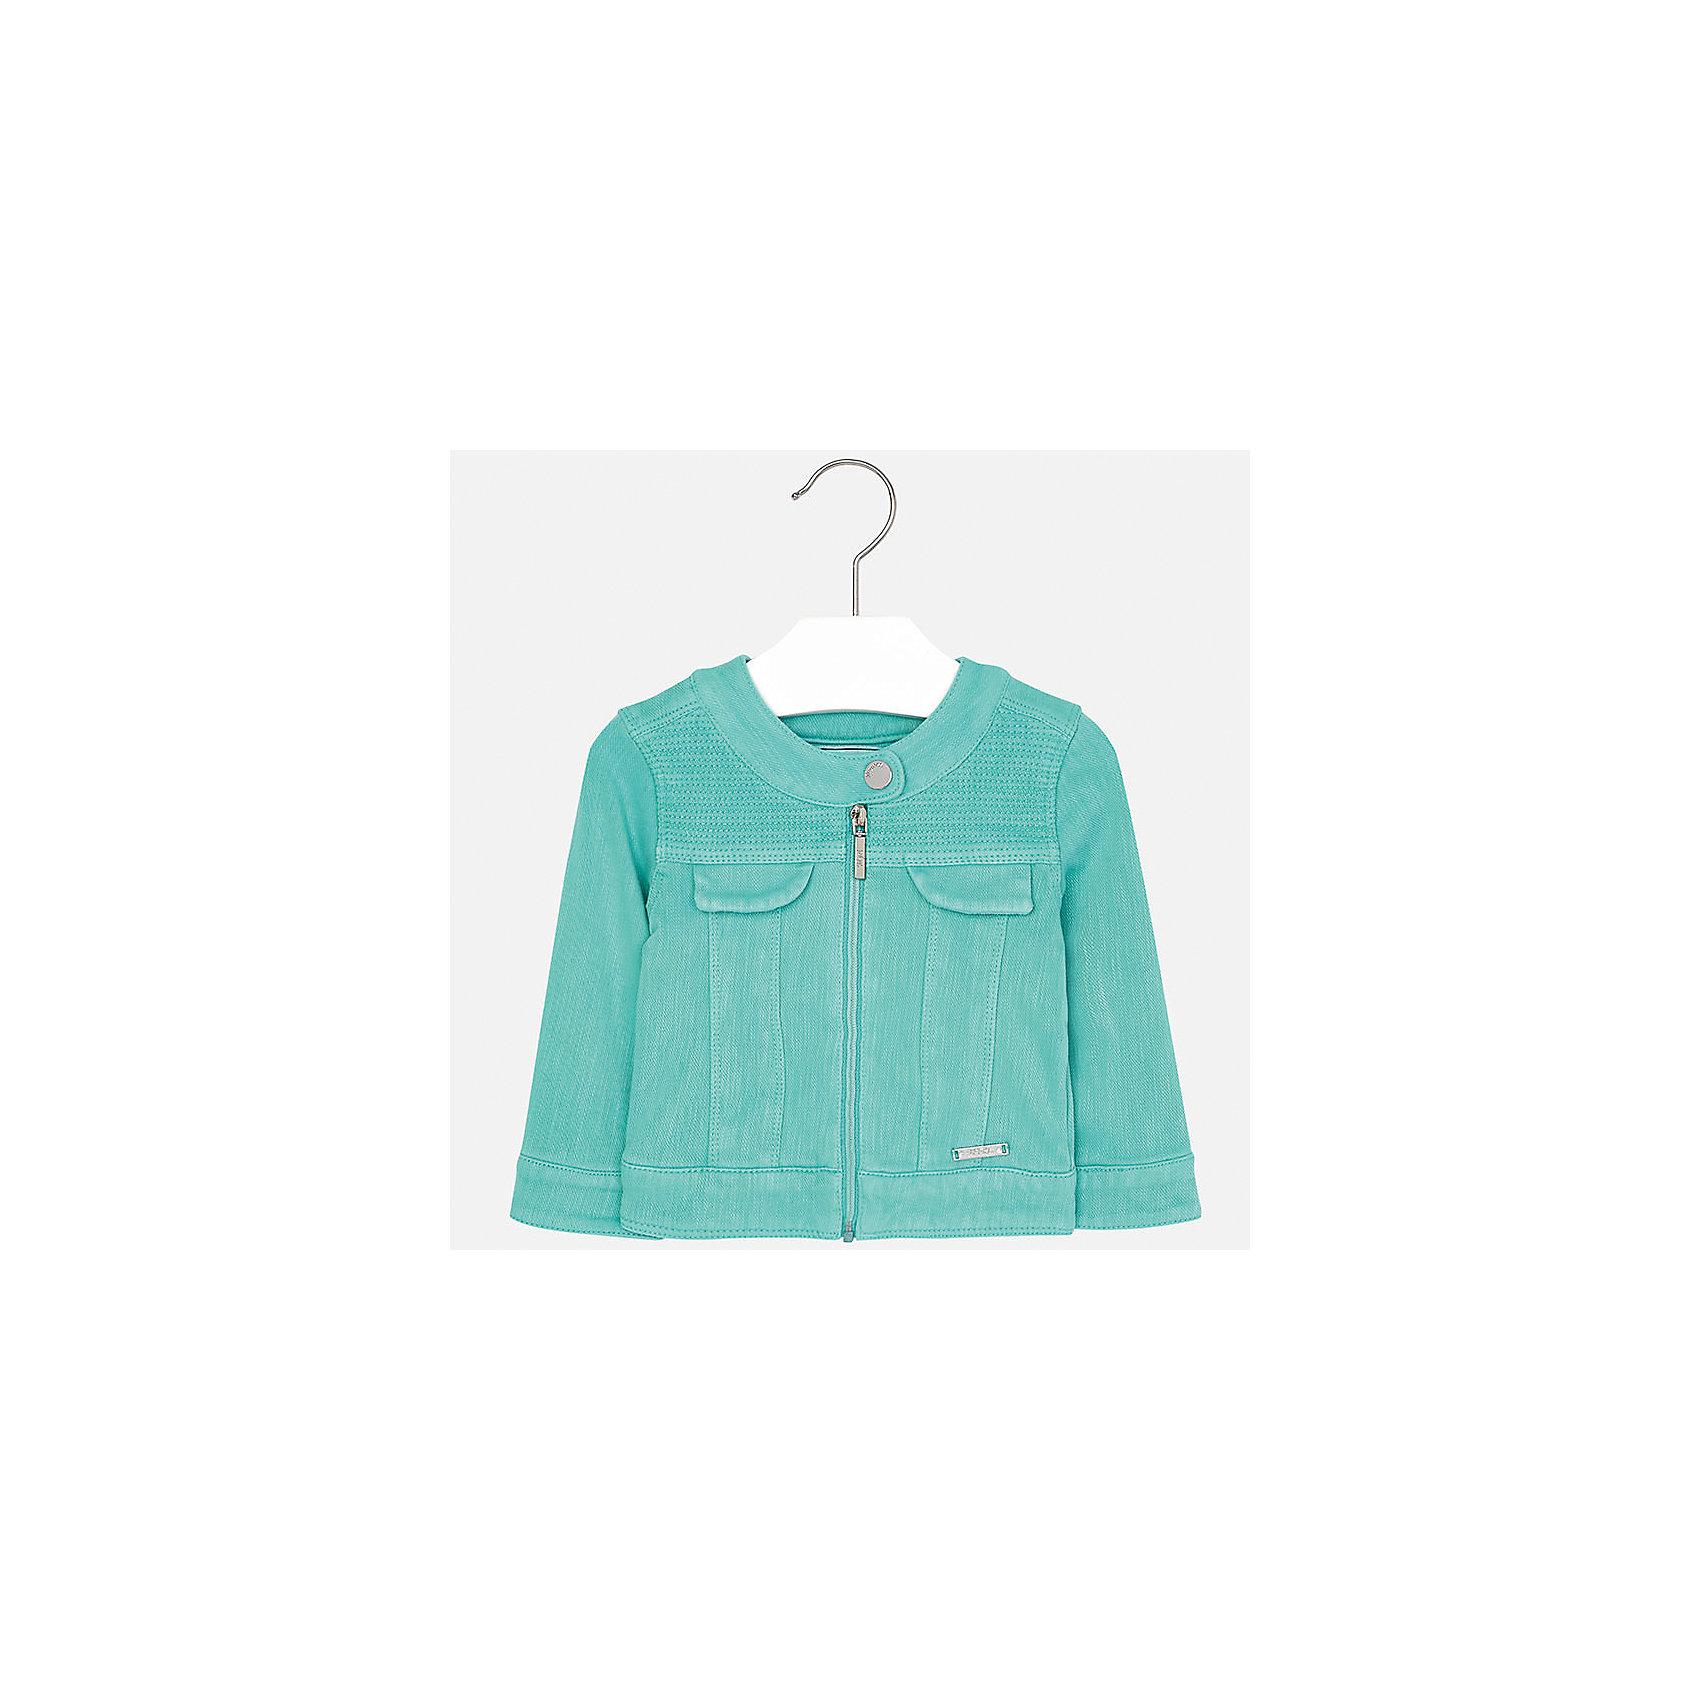 Куртка для девочки MayoralВерхняя одежда<br>Куртка для девочки от известной испанской марки Mayoral.<br><br>Ширина мм: 356<br>Глубина мм: 10<br>Высота мм: 245<br>Вес г: 519<br>Цвет: зеленый<br>Возраст от месяцев: 18<br>Возраст до месяцев: 24<br>Пол: Женский<br>Возраст: Детский<br>Размер: 92,74,80,86<br>SKU: 5288931